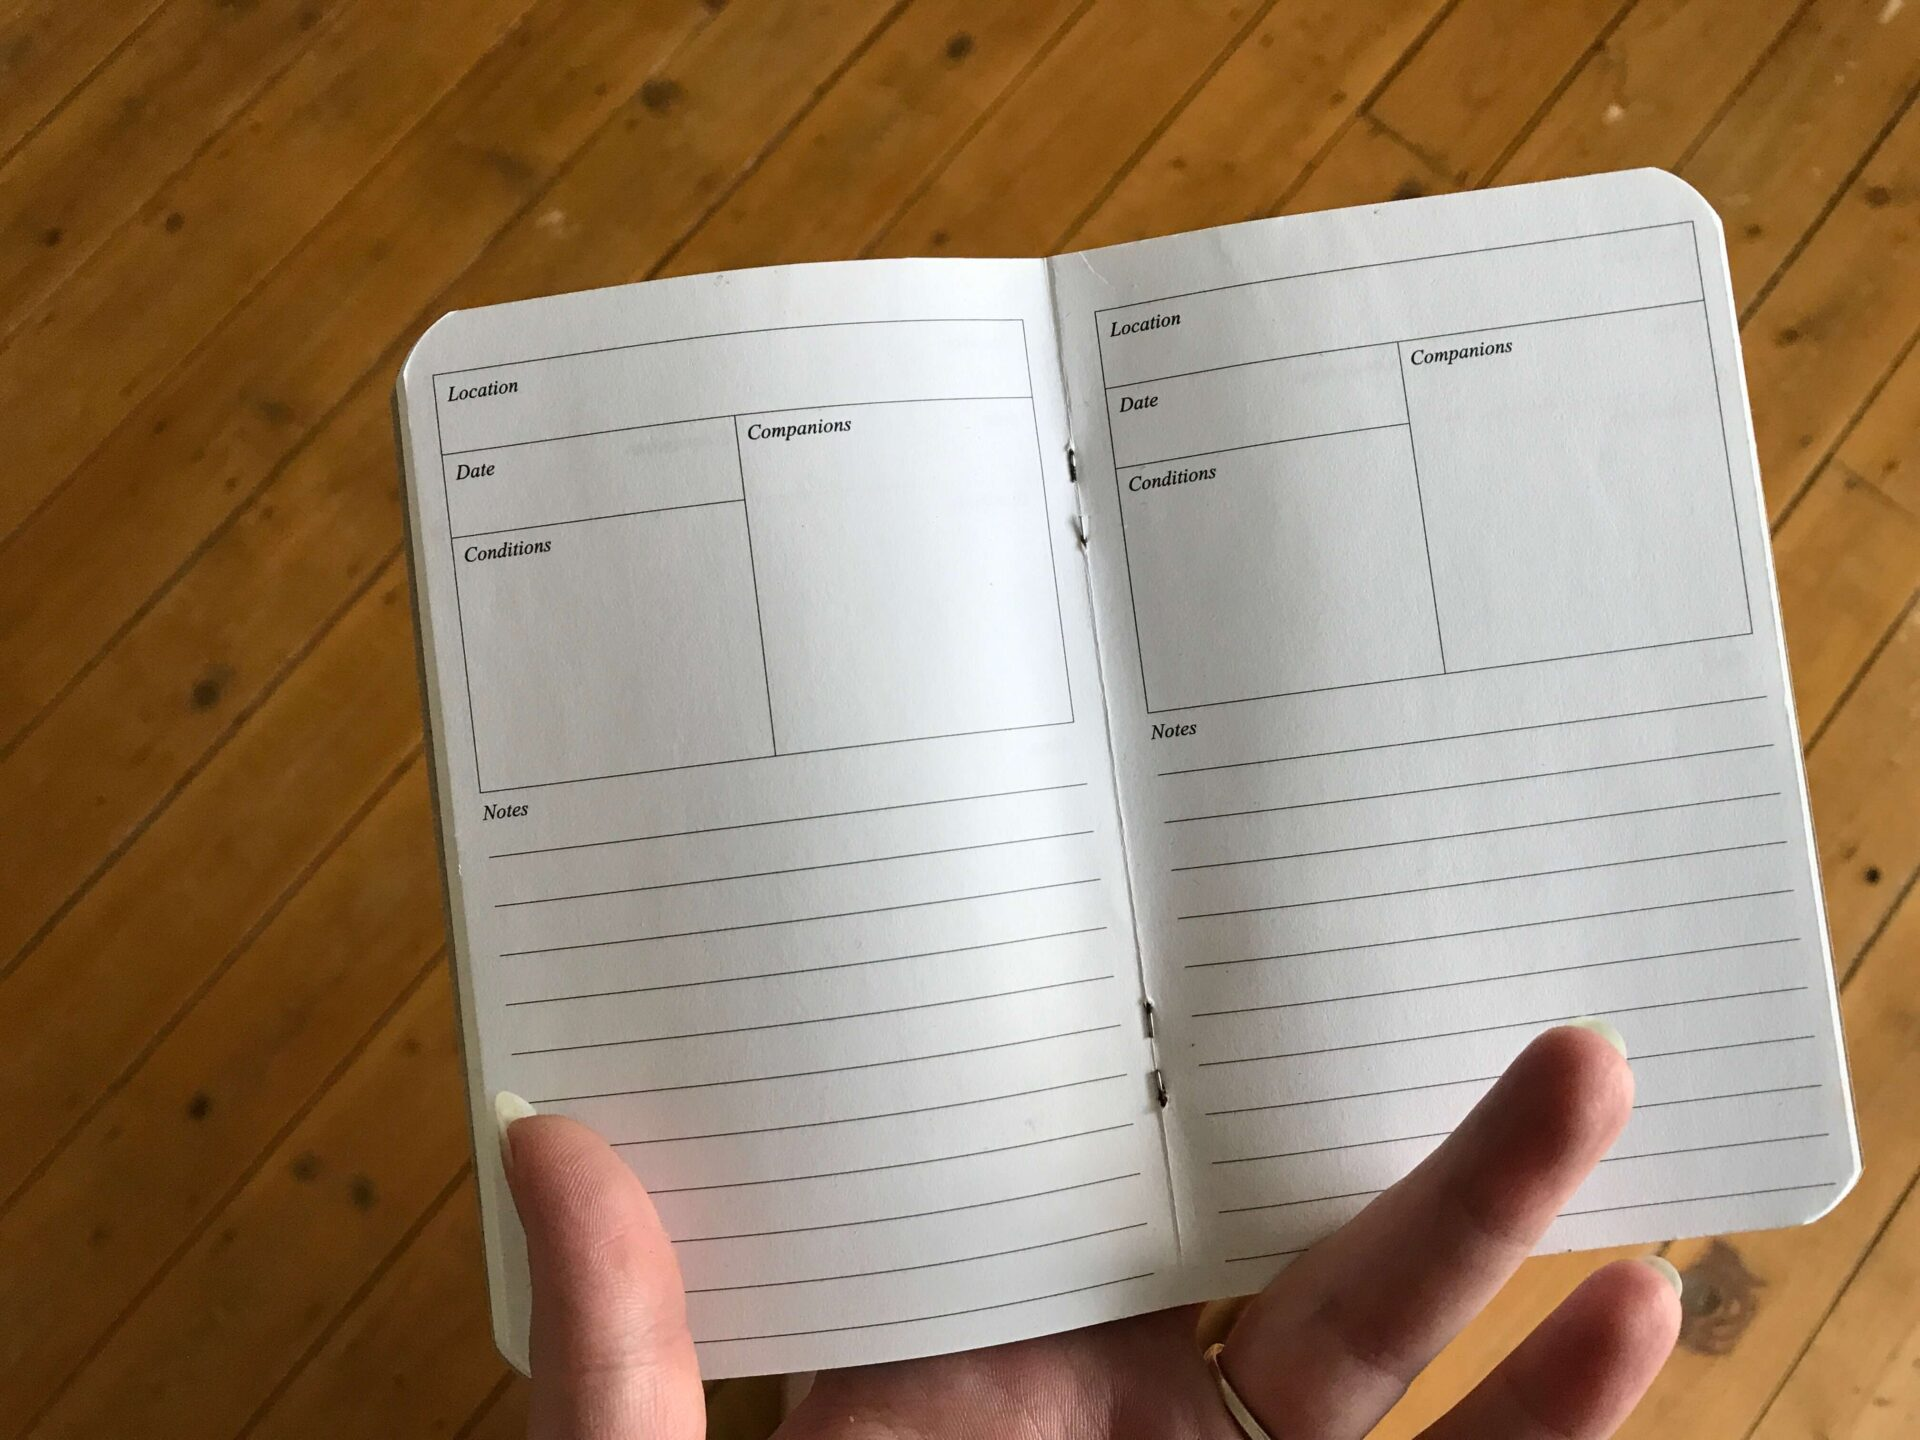 Kieszonkowe notatniki to nie tylko nudne wnętrza